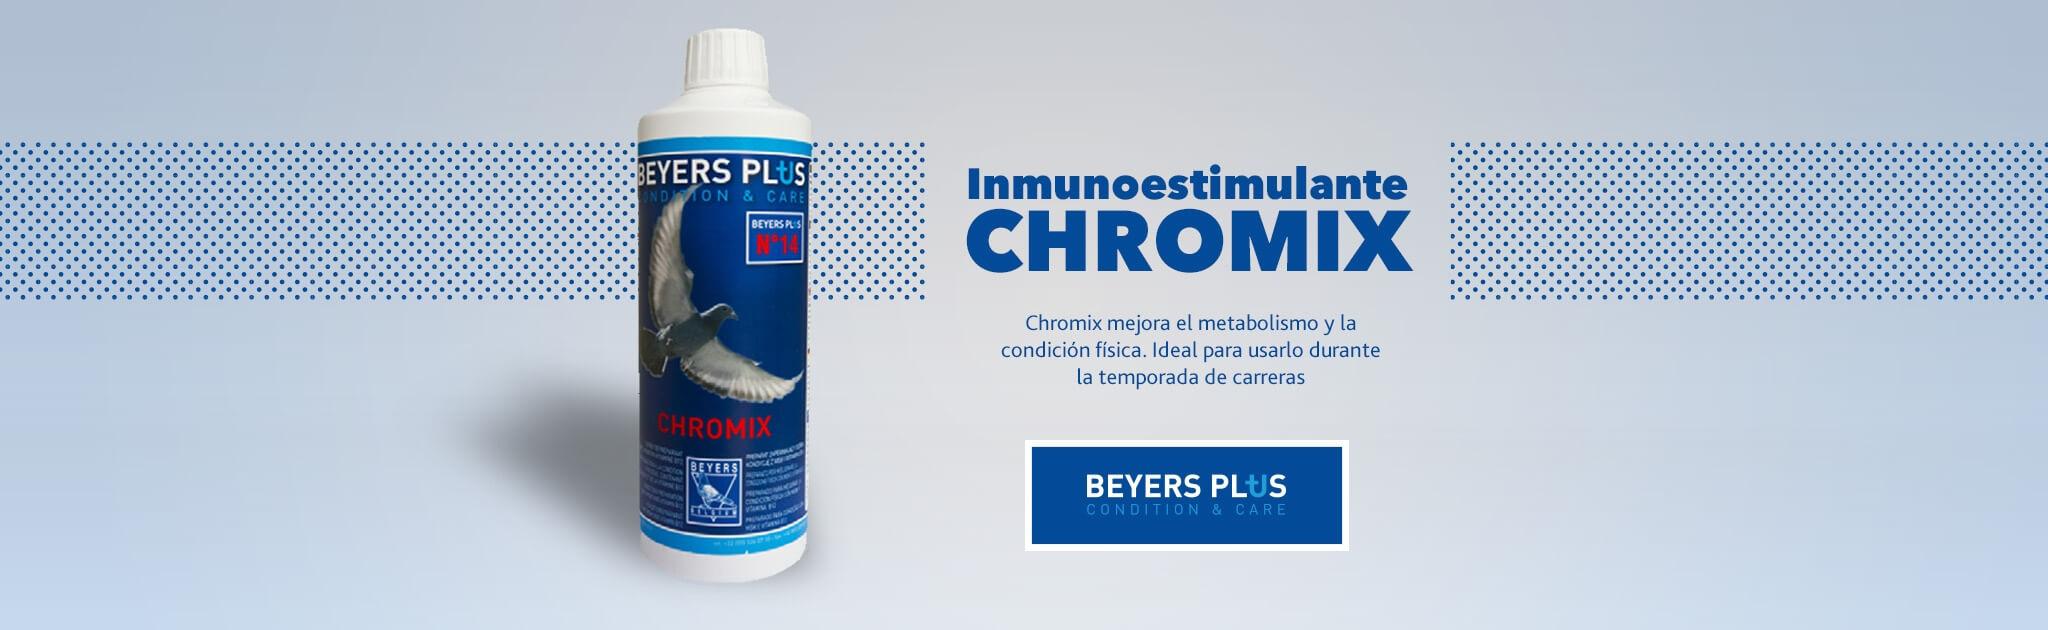 Inmunoestimulante Chromix